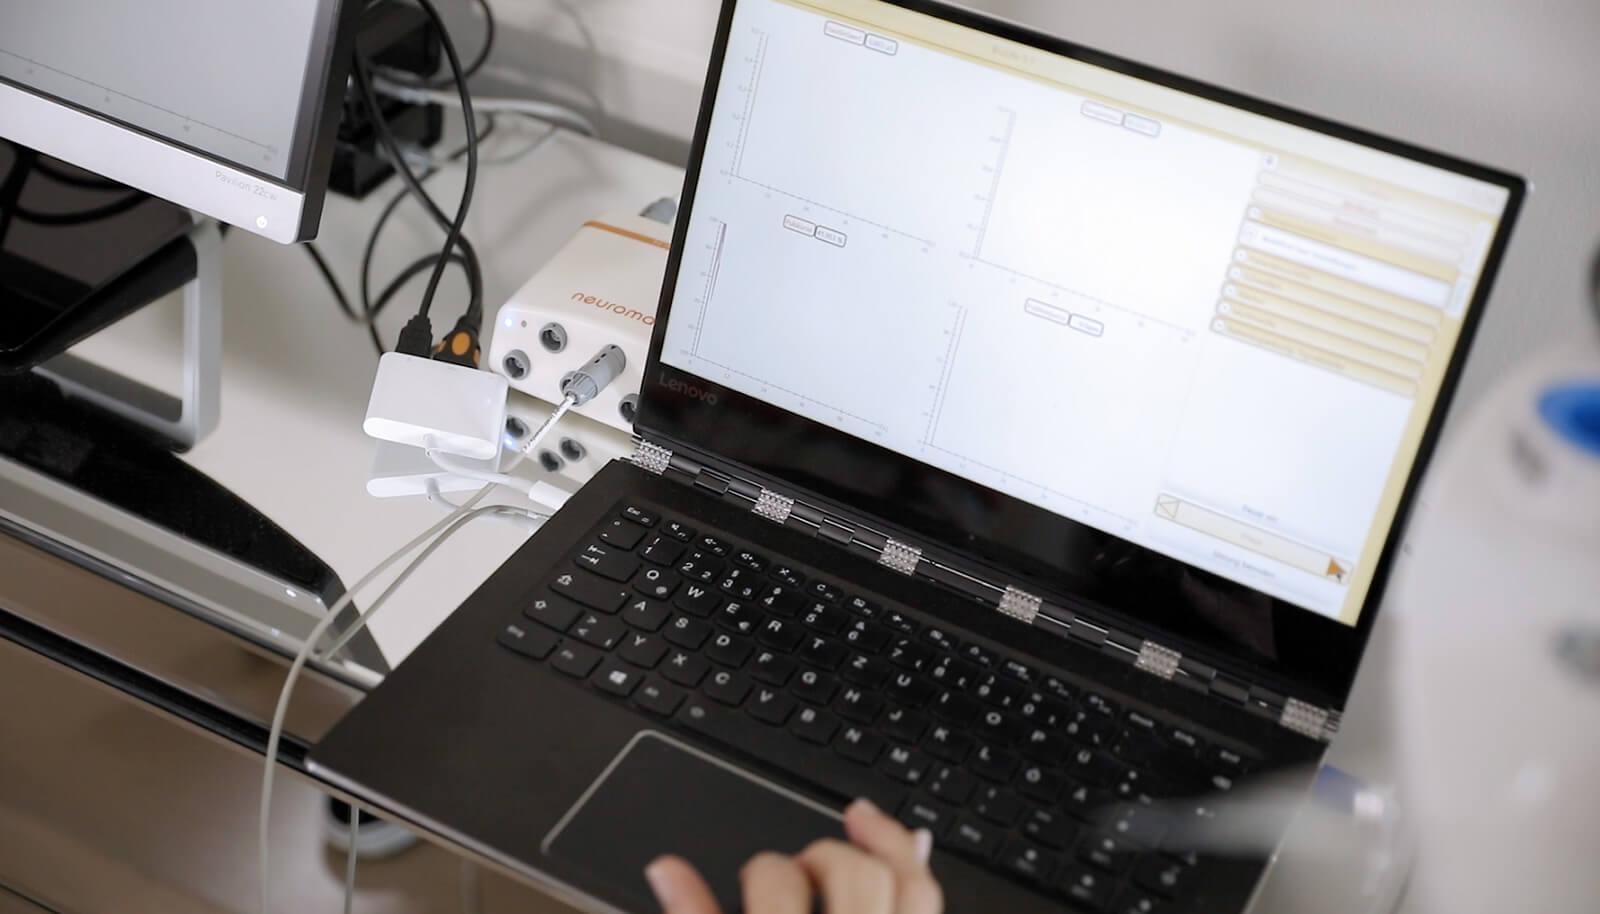 Bildschirm zeigt Biofeedbacktrainingsprogramm